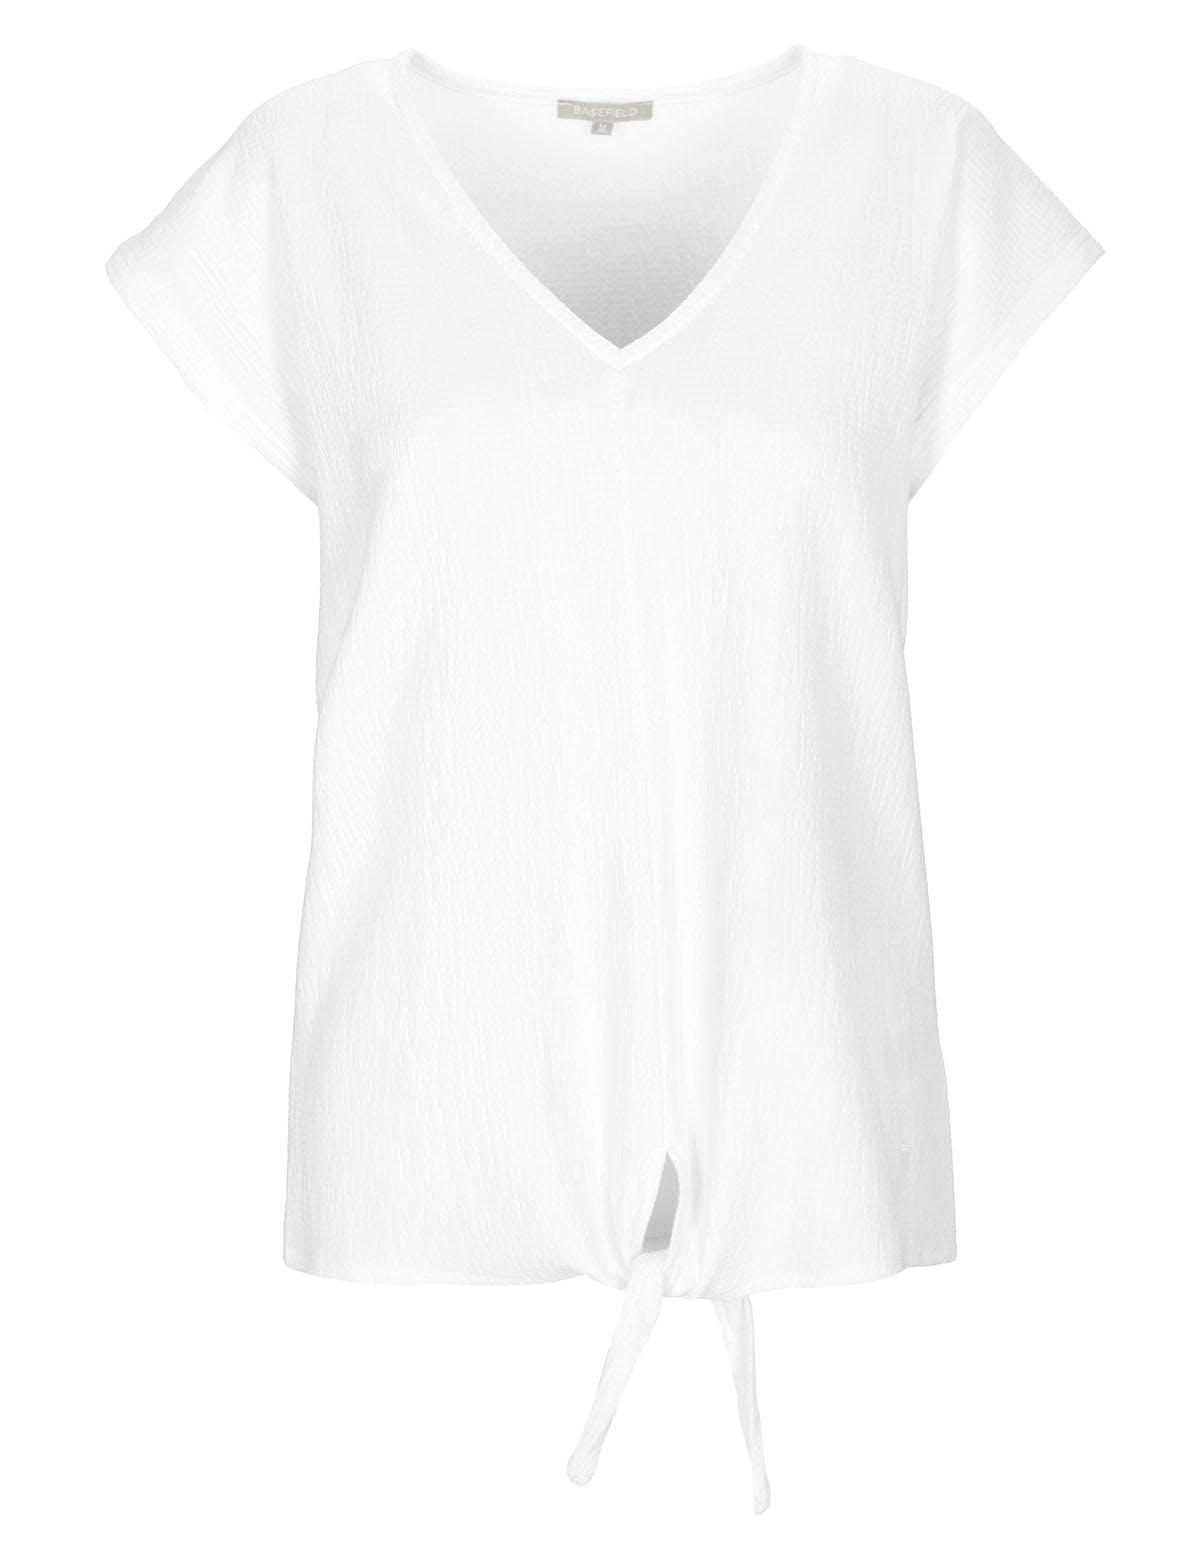 T-Shirt Struktur - Bright White